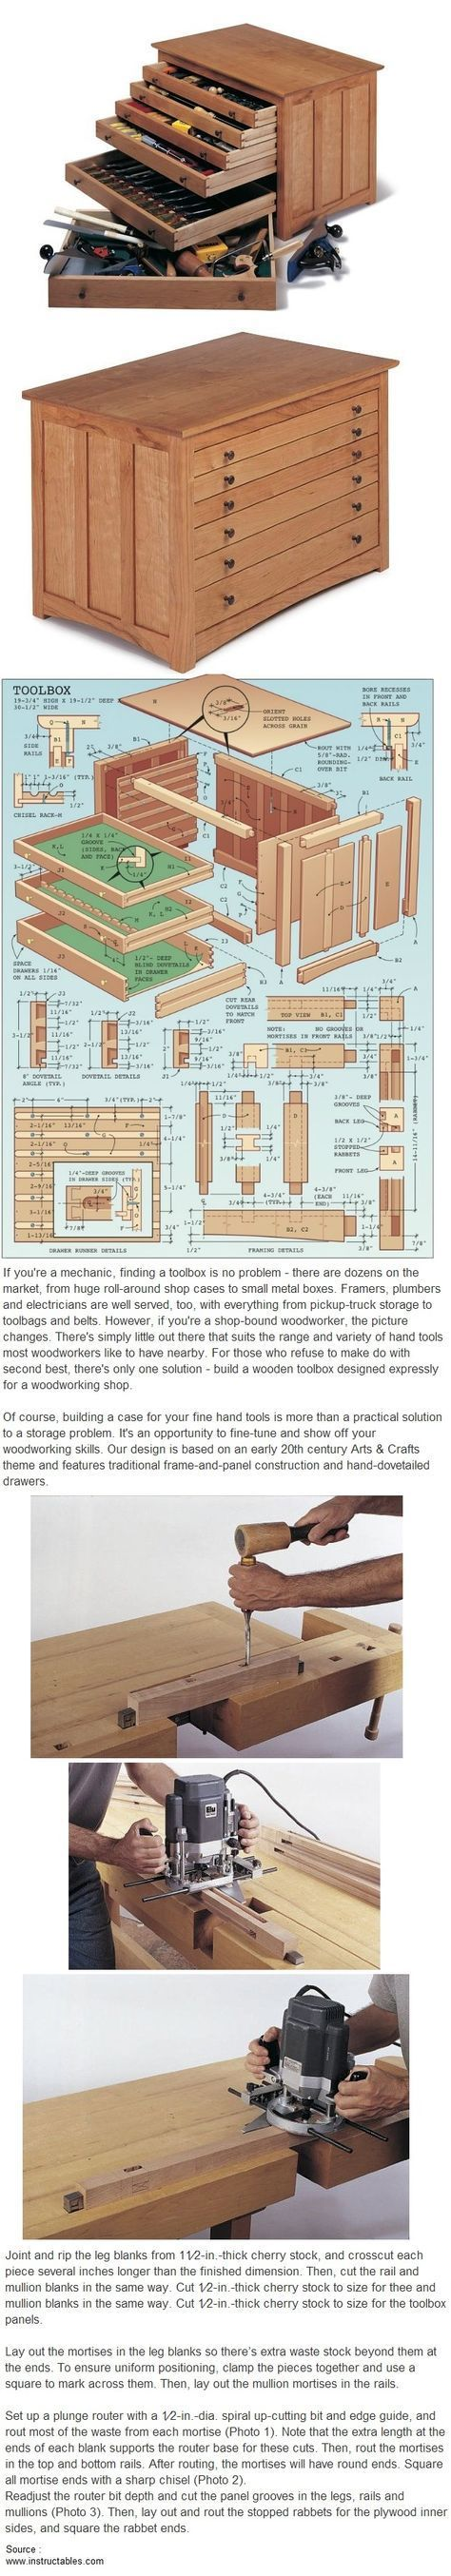 Aufgreifen und innenleben umstrukturieren f r for Proyecto de muebles de madera